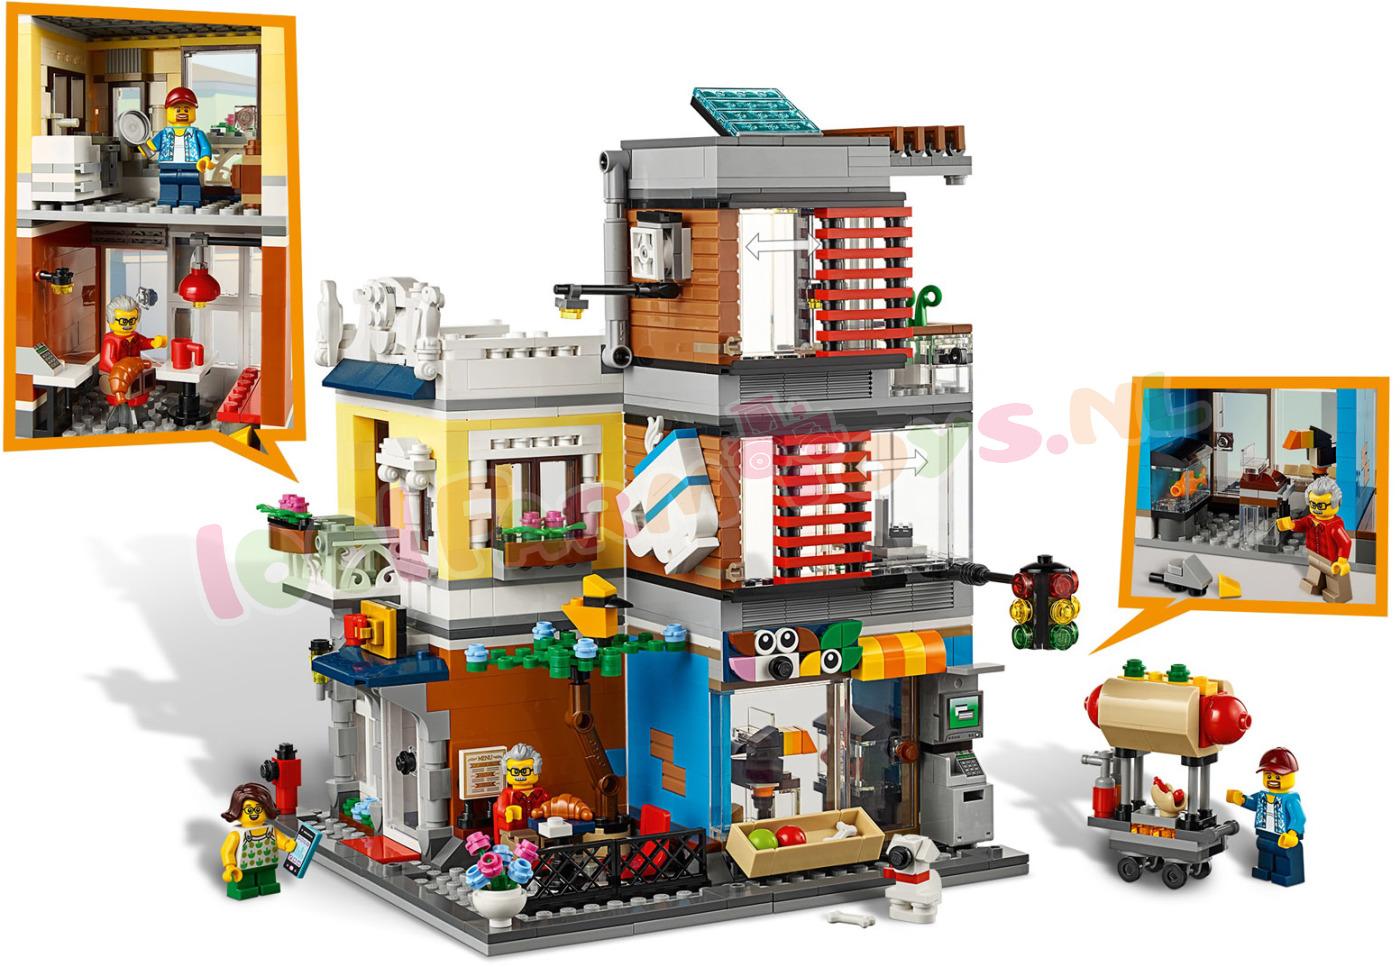 Verbazingwekkend LEGO CREATOR Woonhuis dierenwinkel & ca - 31097 - LEGO Creator KS-16